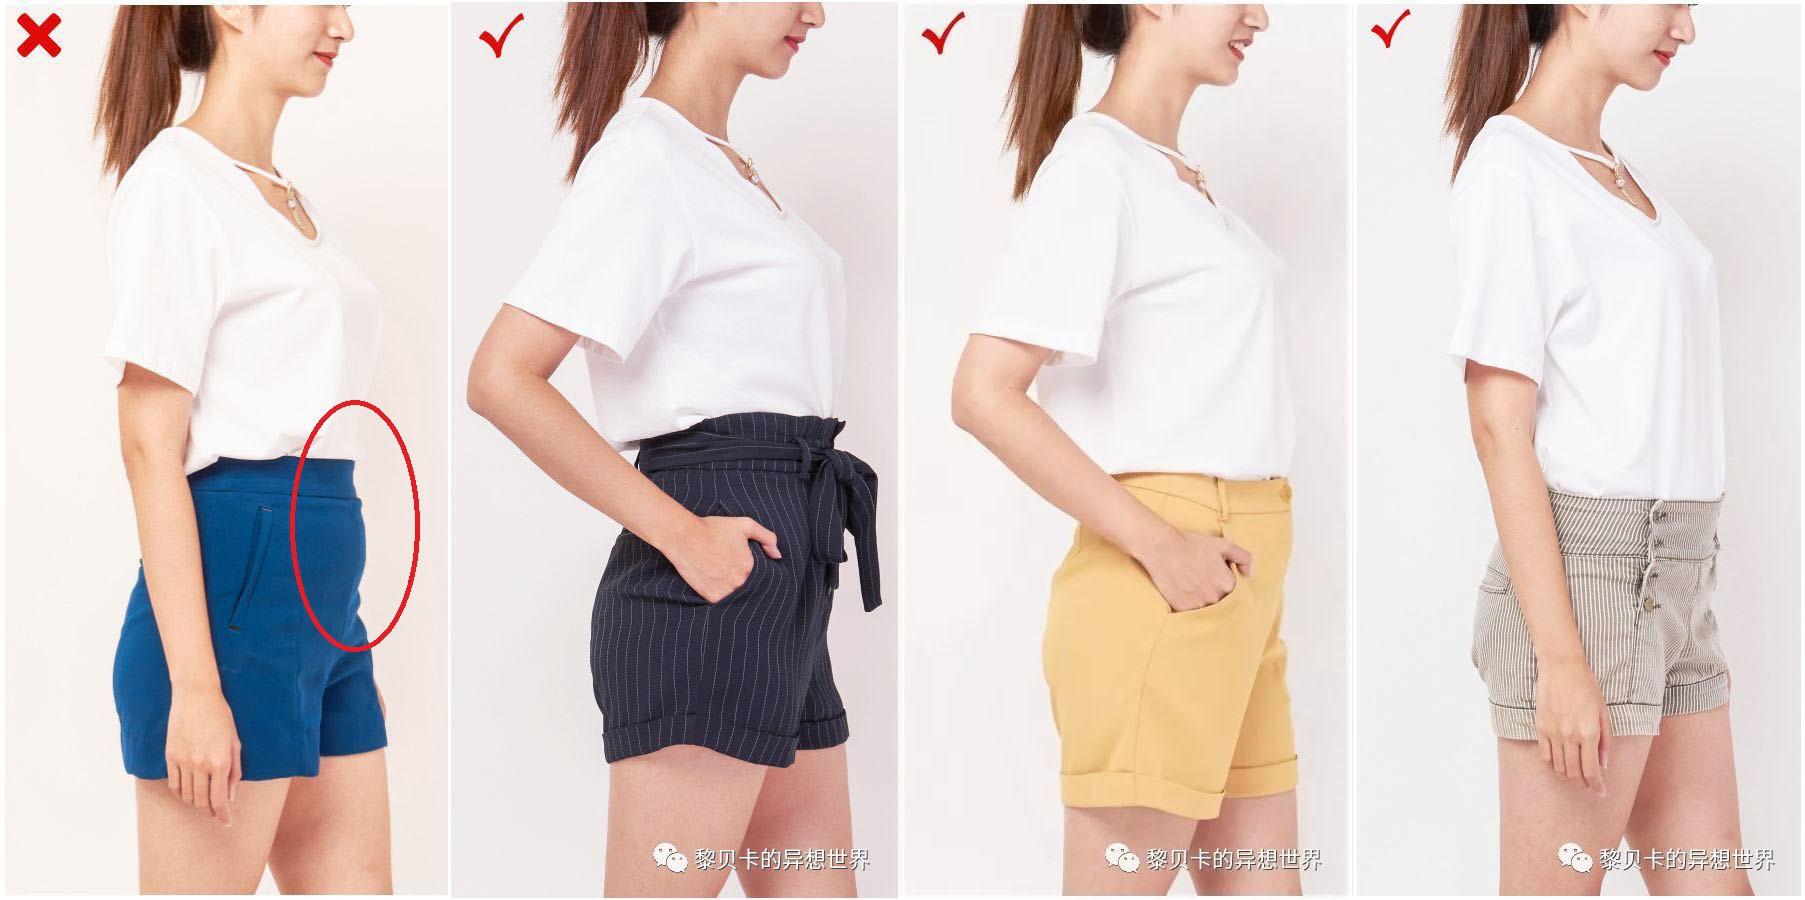 """Quần shorts thì ai cũng mặc nhưng bí kíp để chọn được kiểu quần """"nịnh dáng"""" nhất thì không phải ai cũng biết - Ảnh 6."""